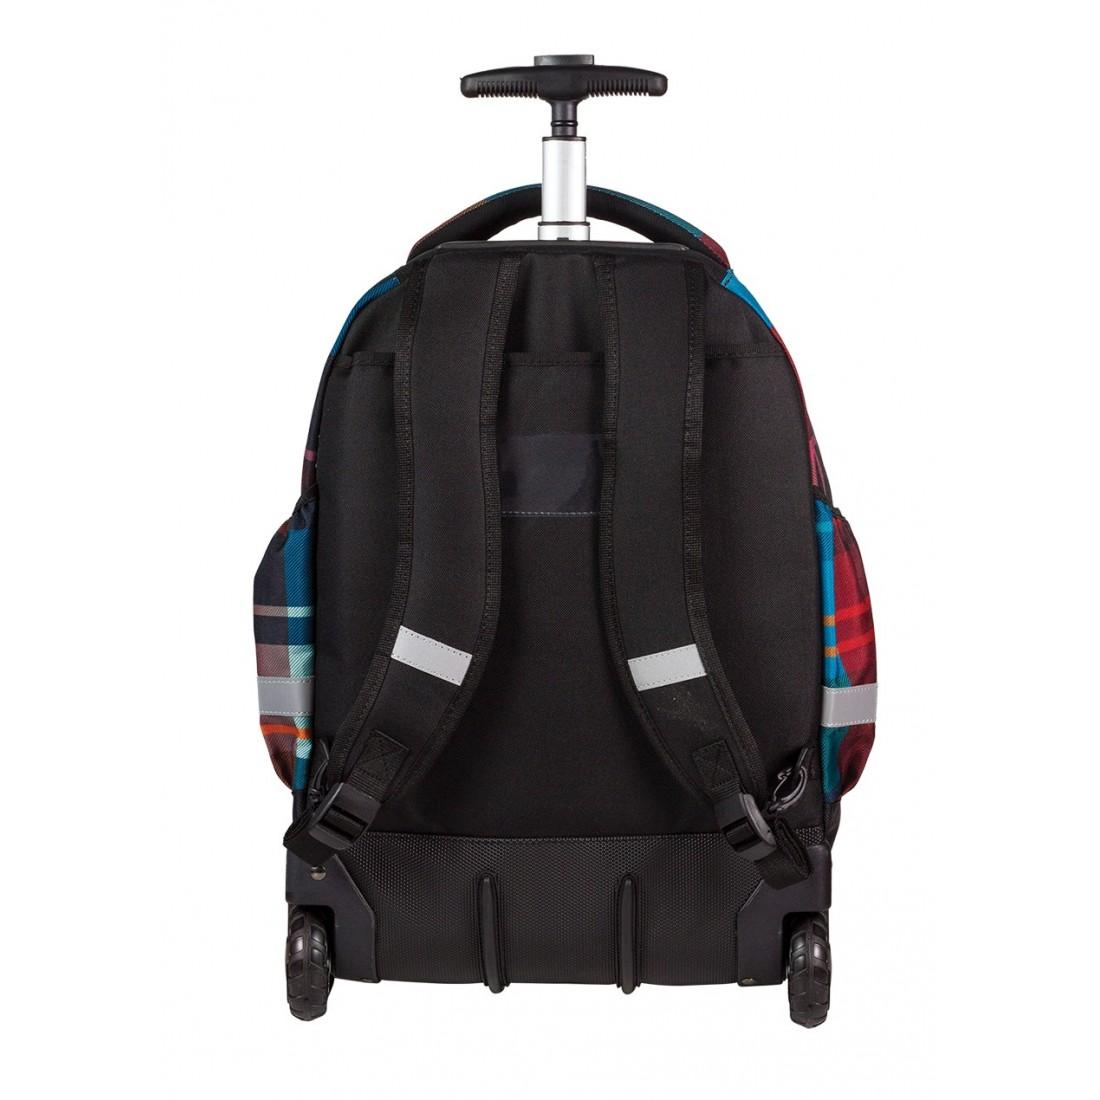 Plecak na kółkach CoolPack CP bordowy i niebieski dla chłopca lub dziewczynki RAPID MAROON 462